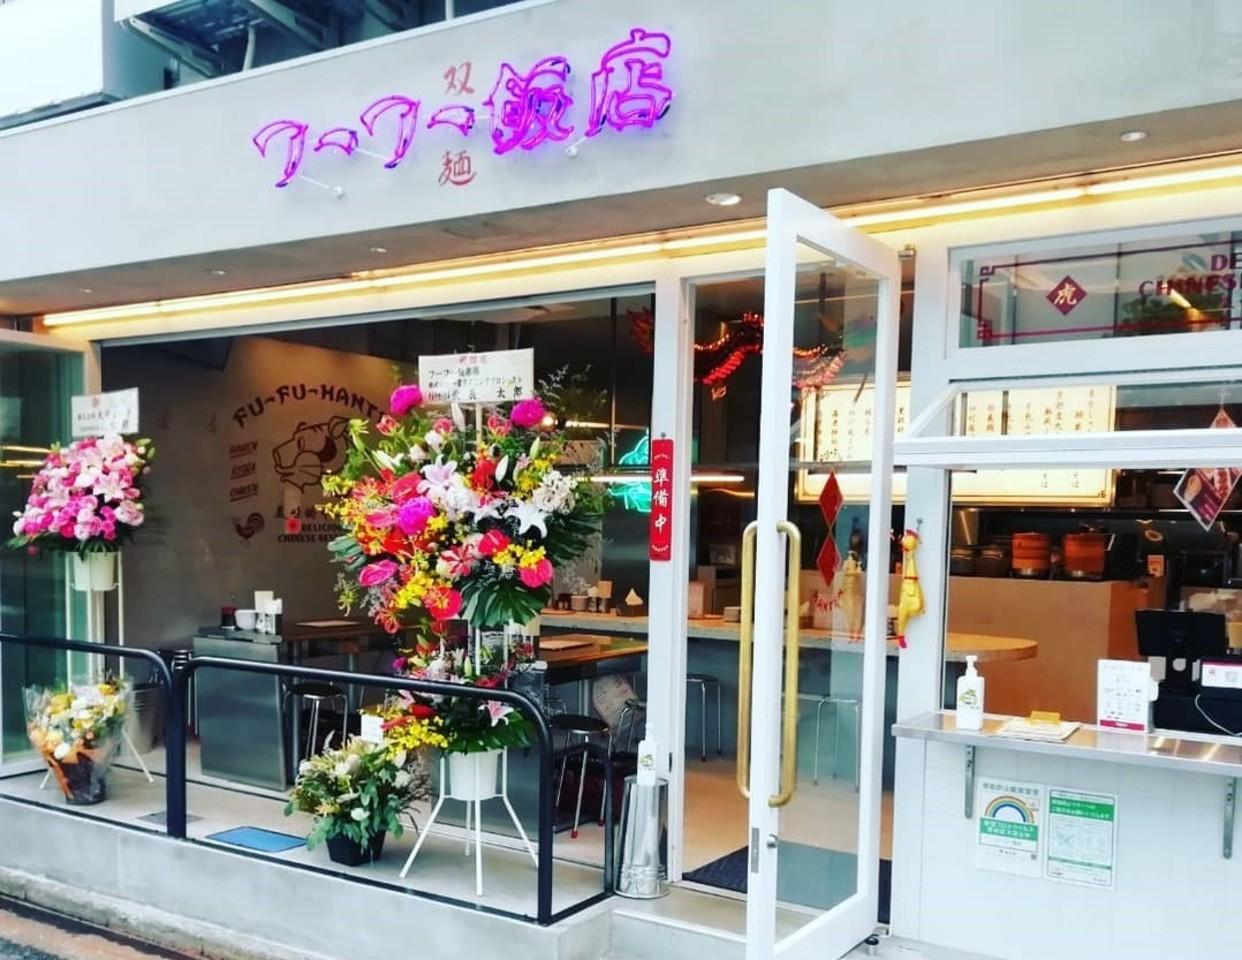 新店!東京都墨田区錦糸に『フーフー飯店』6/15グランドオープン